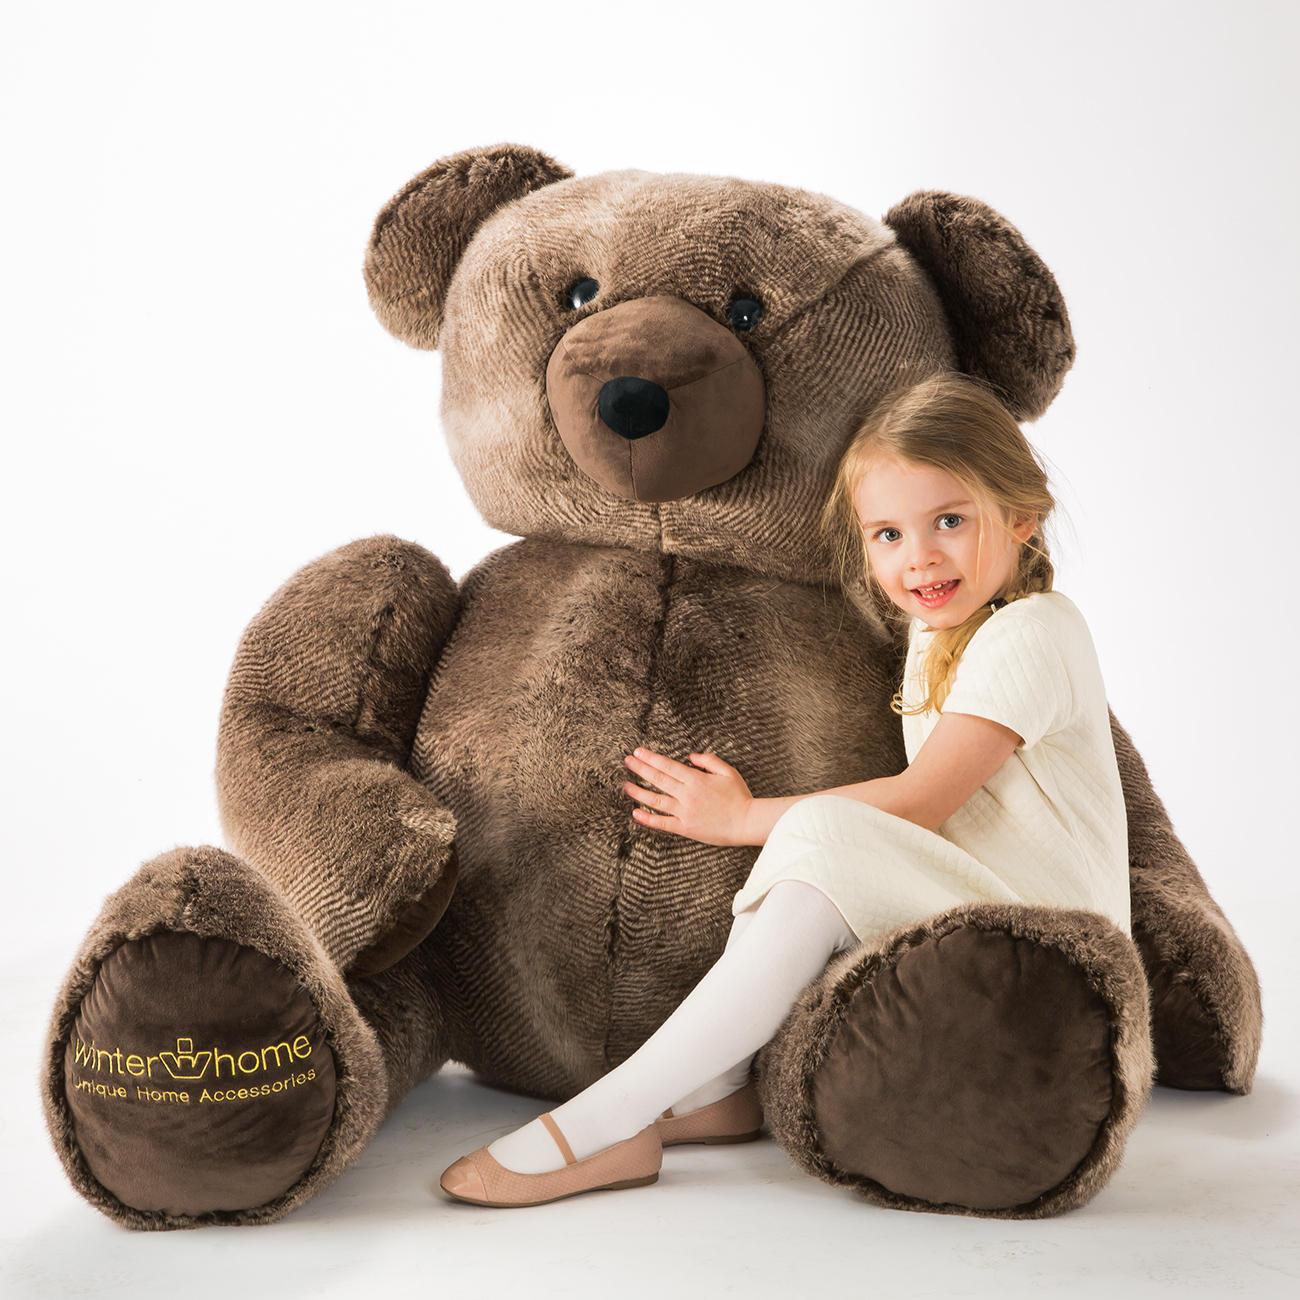 xxl teddyb r winter creation mit 3 jahren garantie. Black Bedroom Furniture Sets. Home Design Ideas